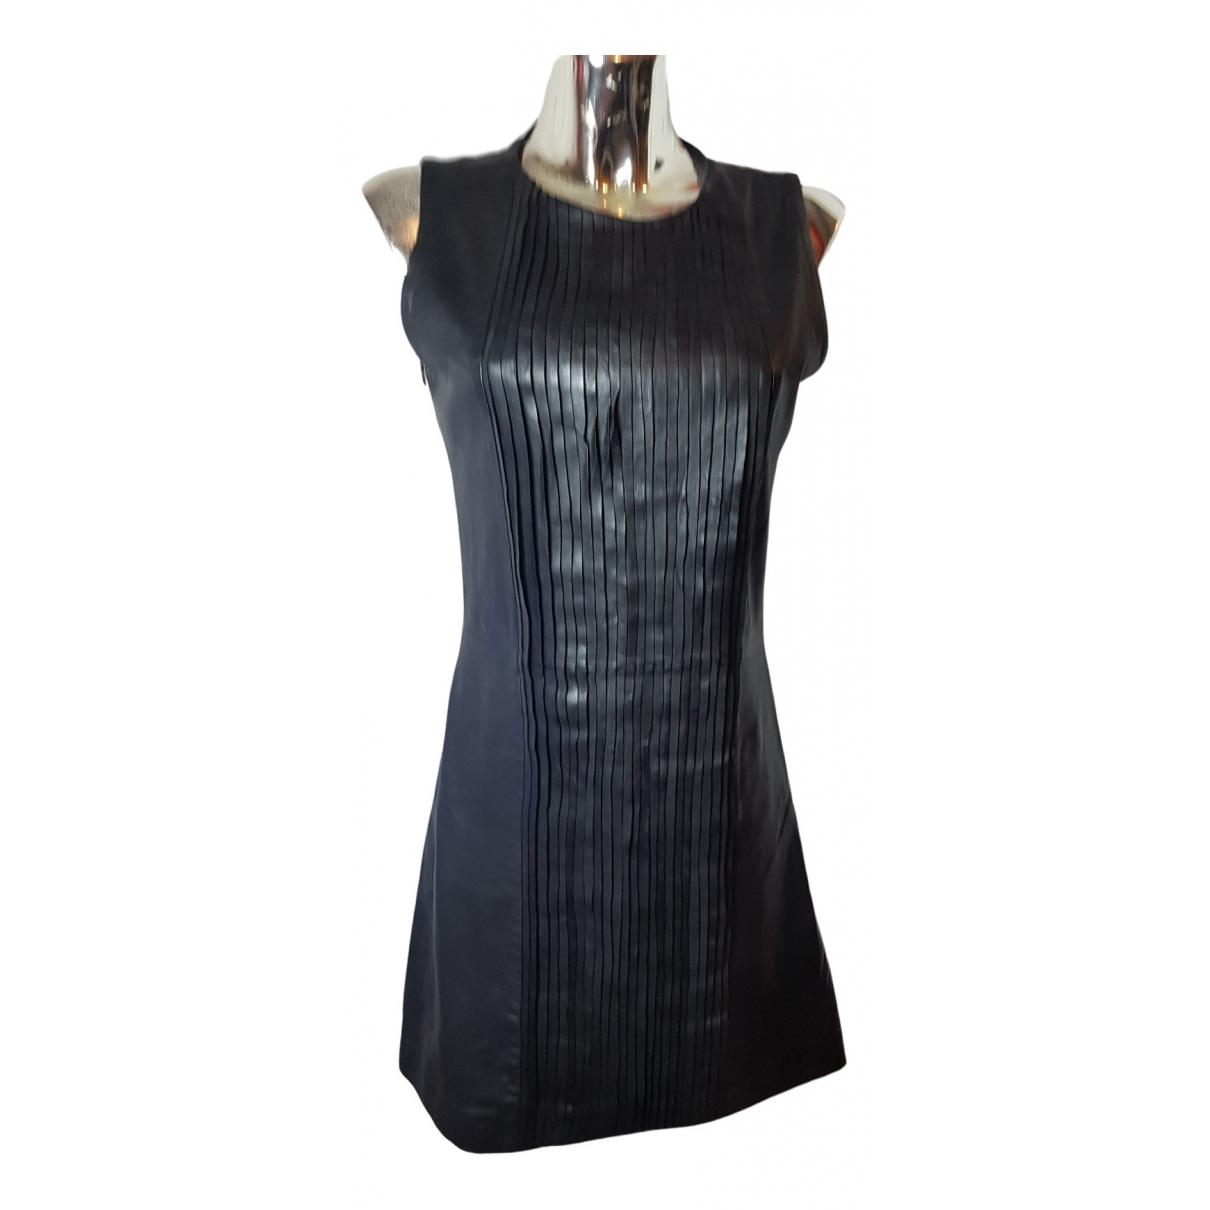 K-yen \N Black Leather dress for Women 38 FR